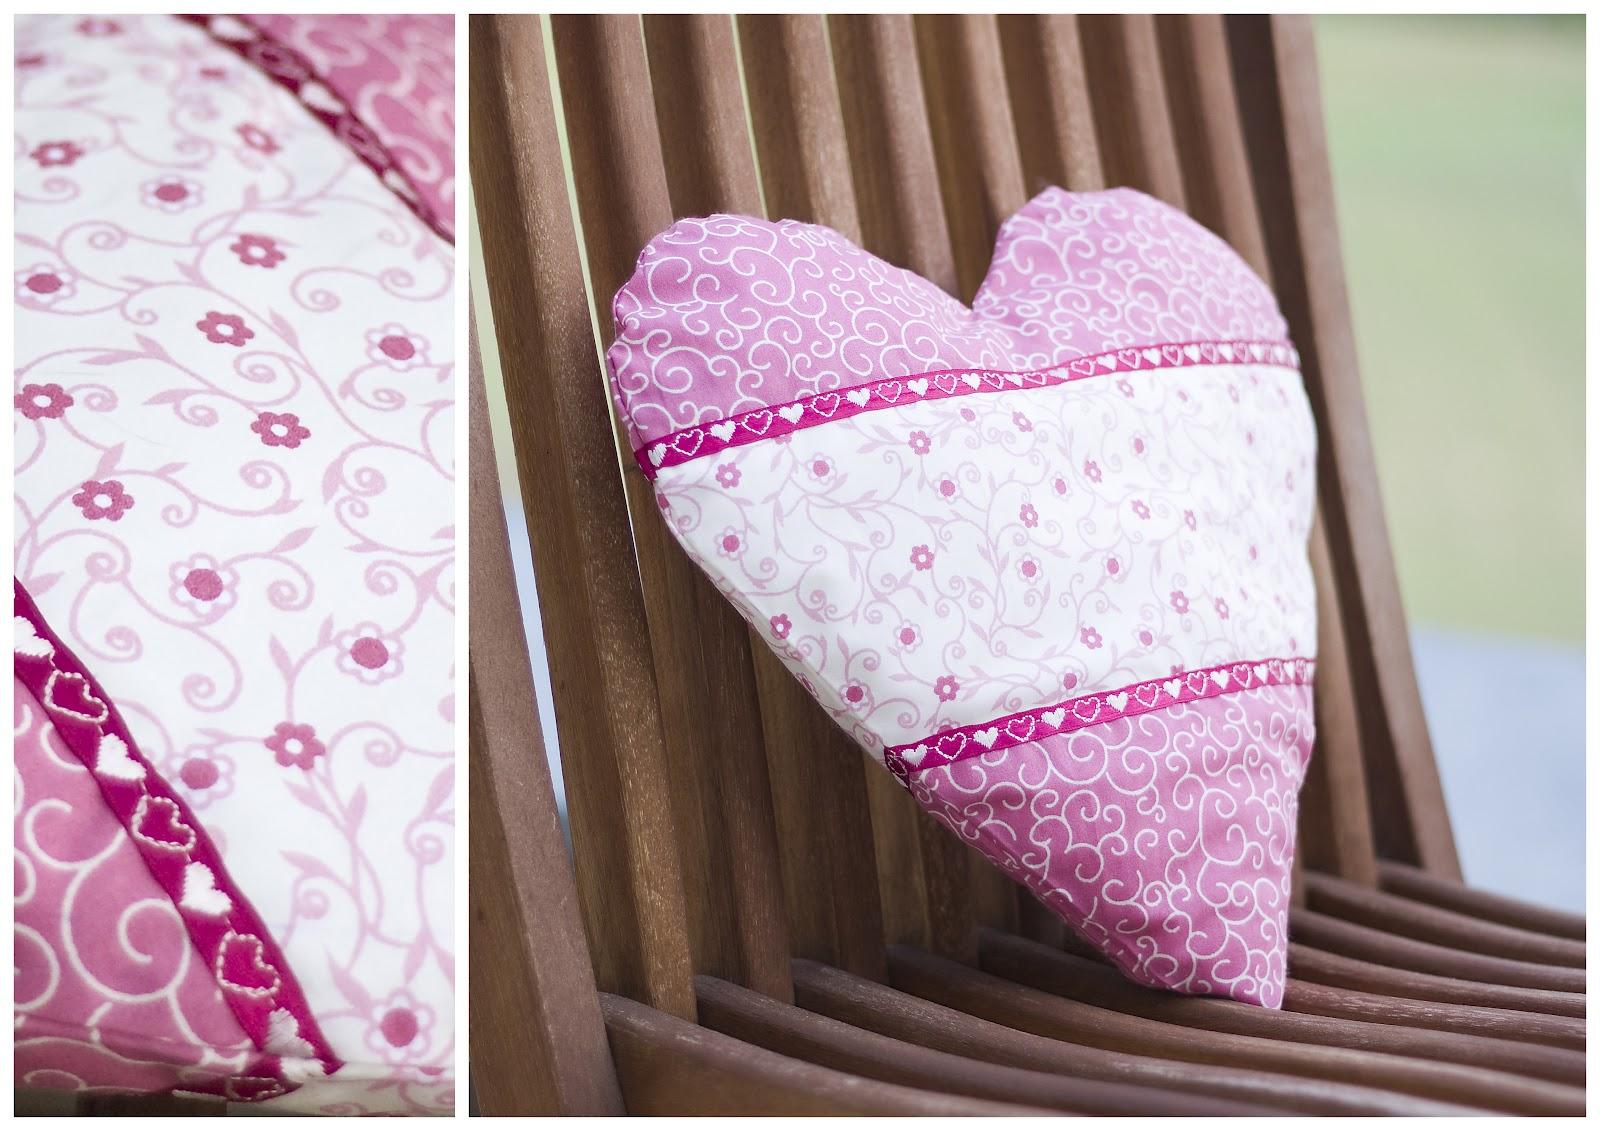 100 лучших идей: декоративные подушки своими руками на фото 66